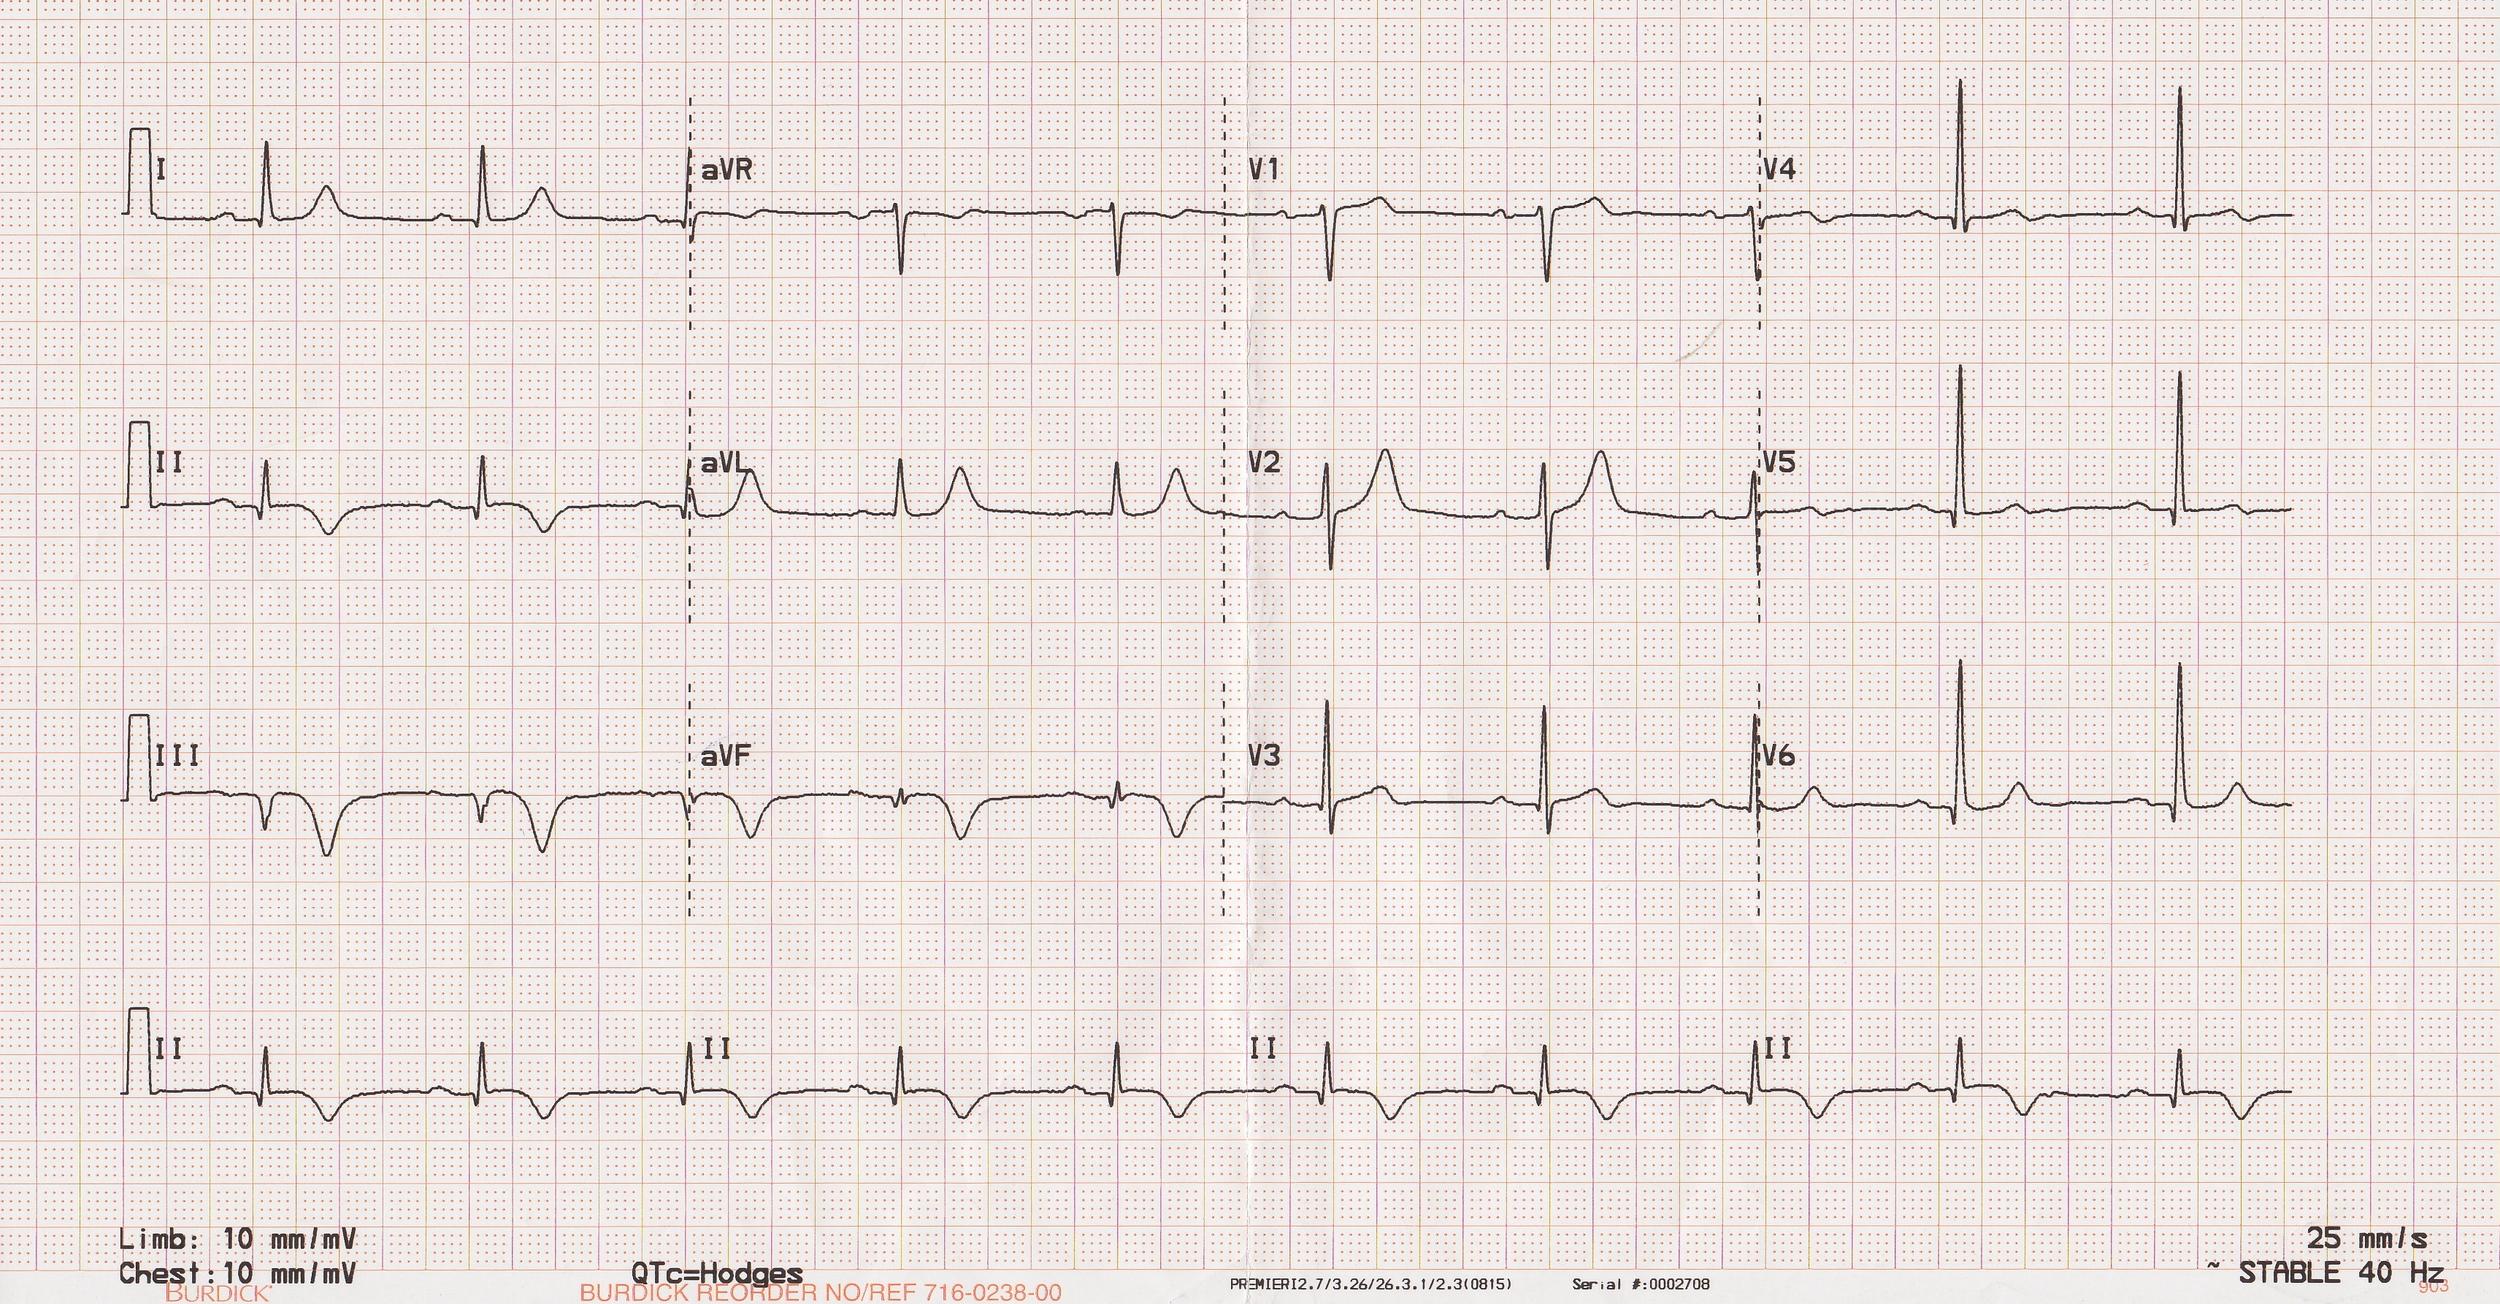 A 12-lead ECG.